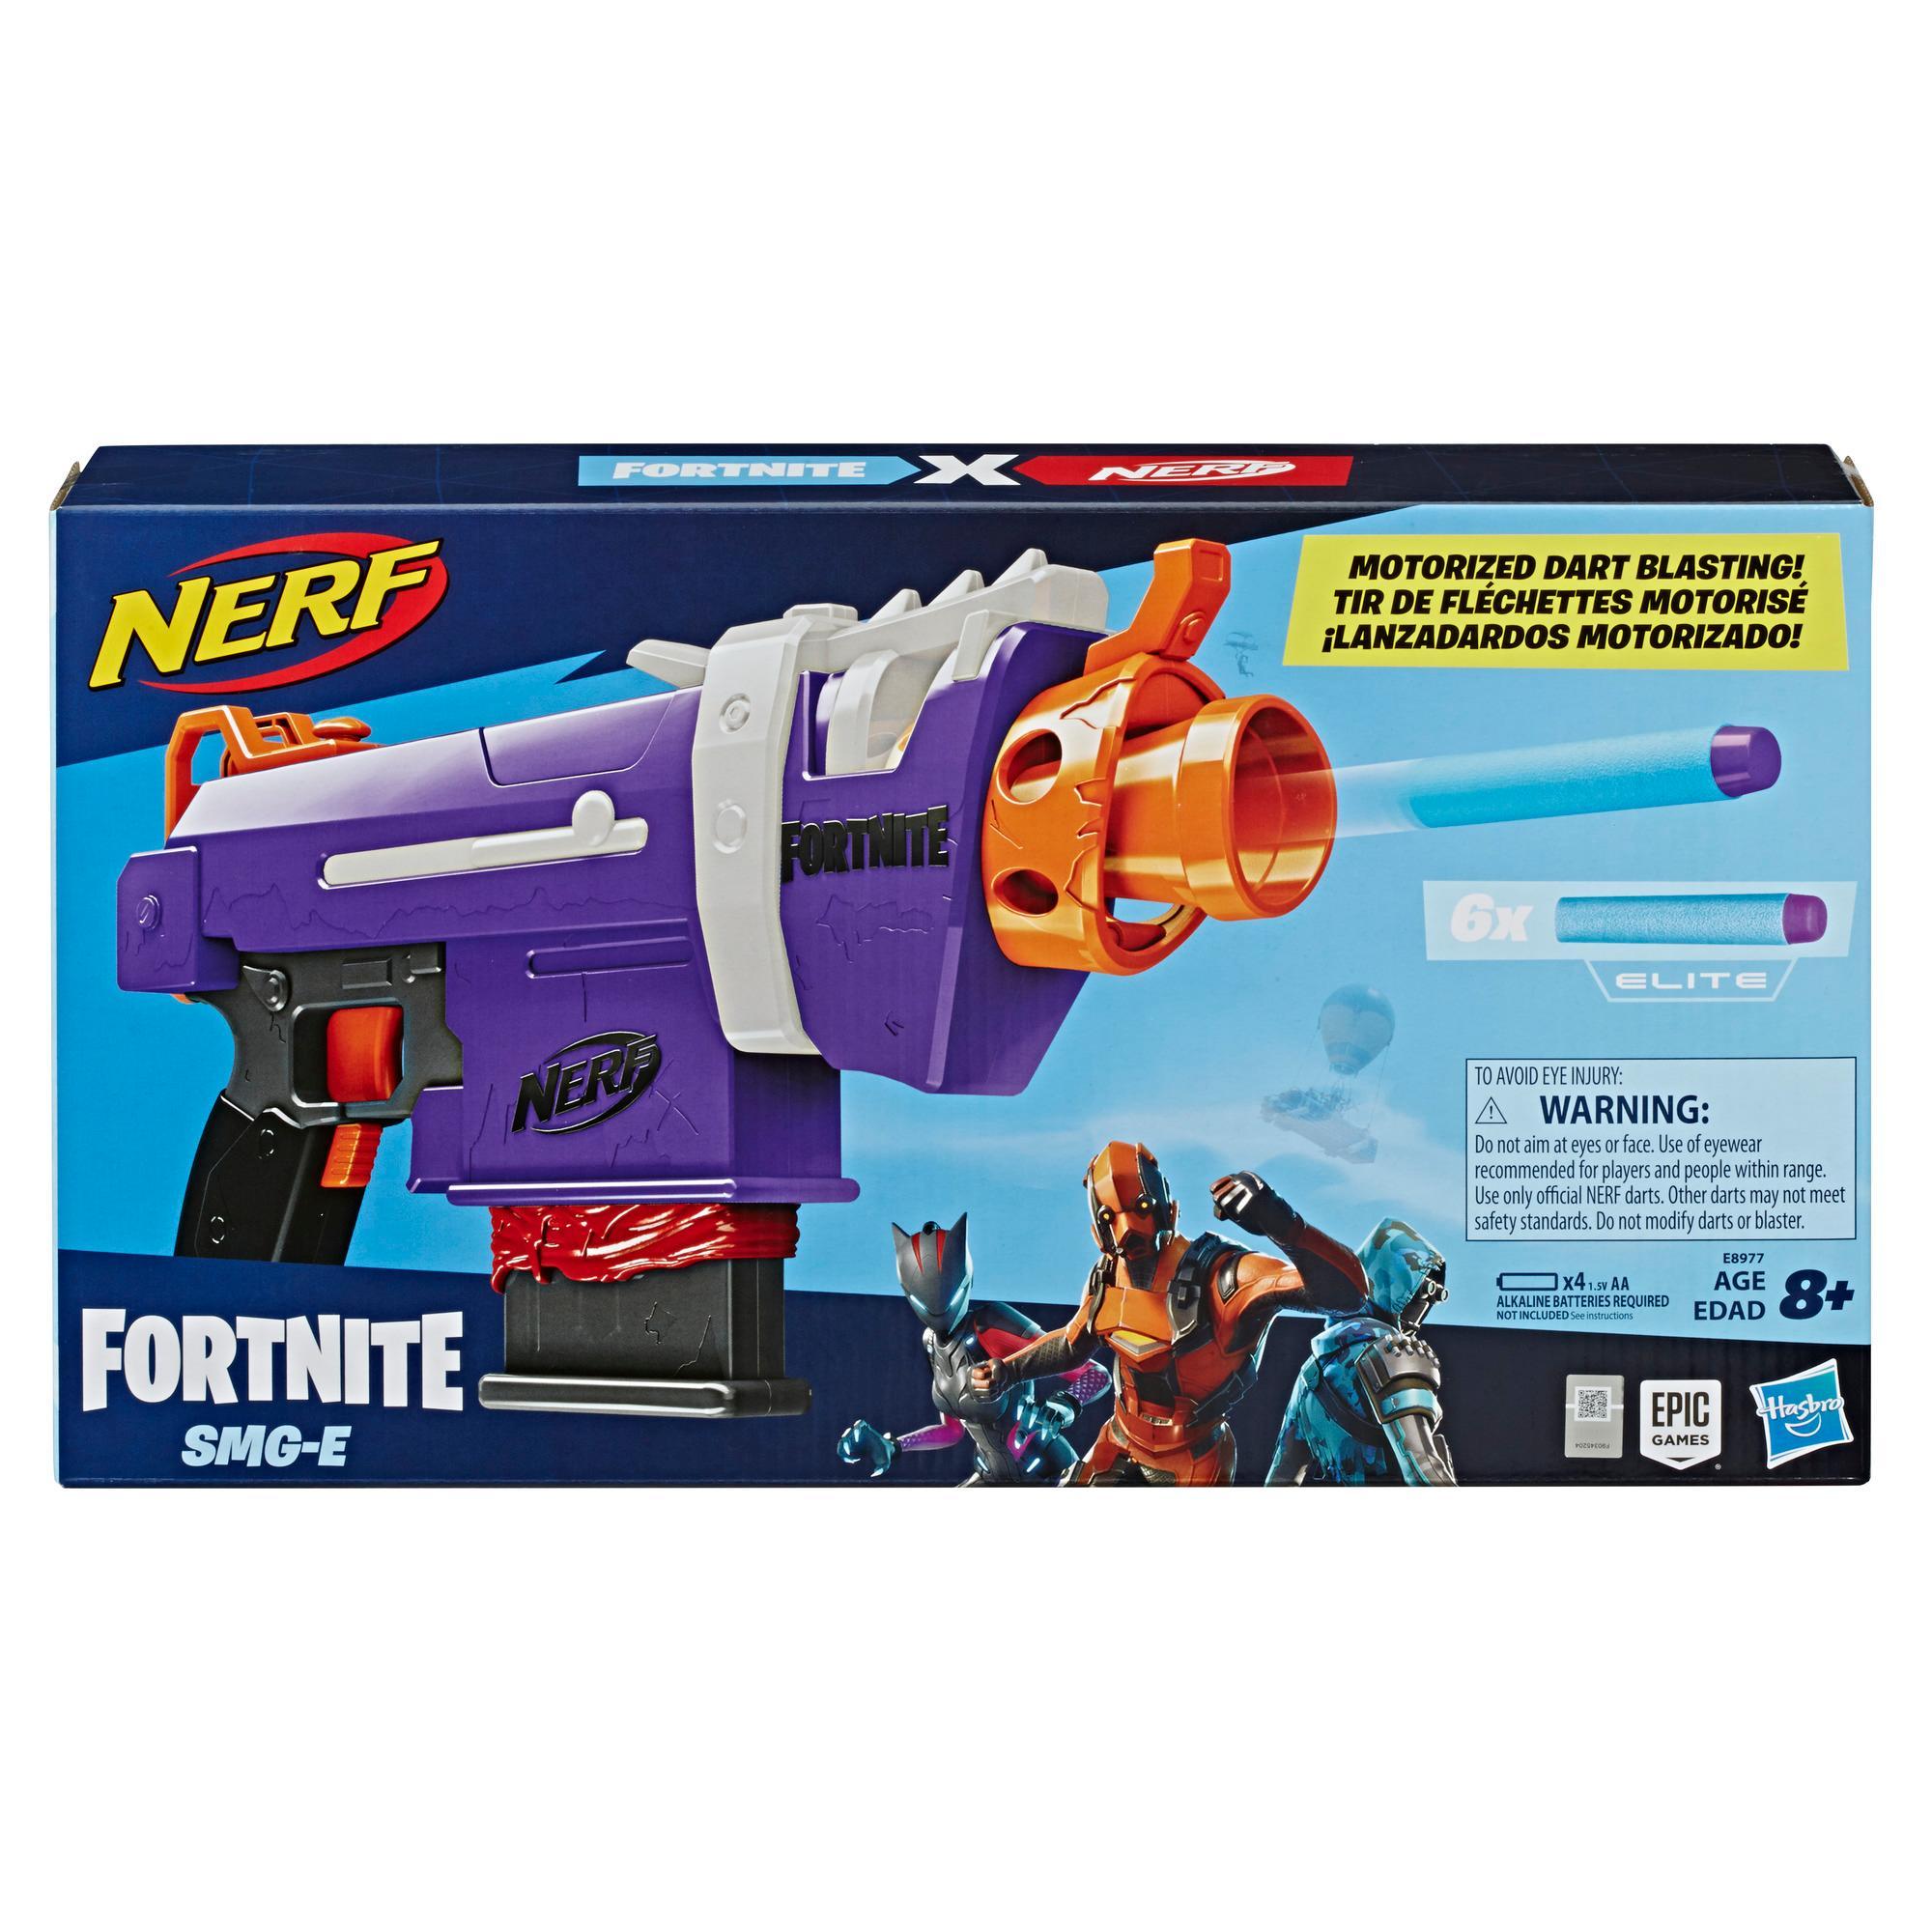 Fortnite SMG-E